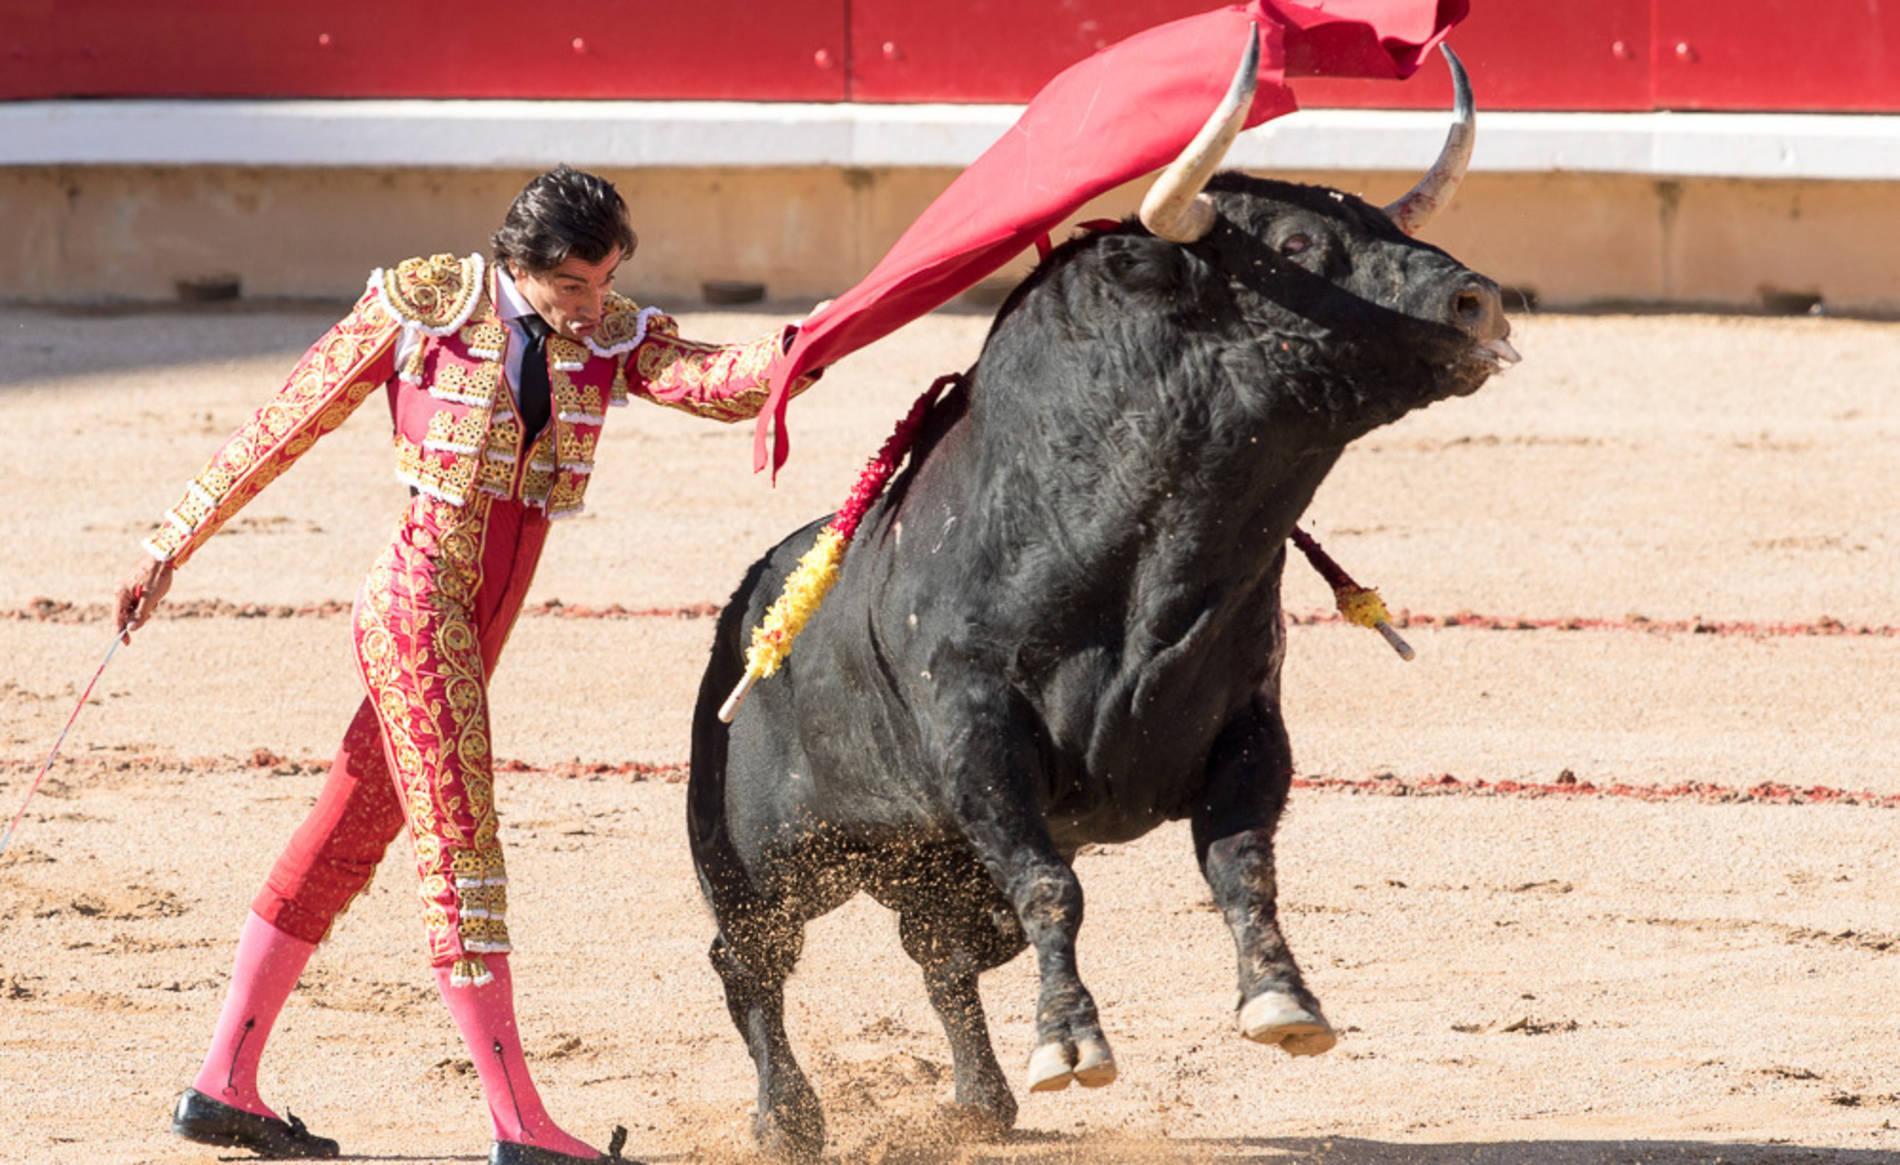 Corrida del día 9 (1/56) - Ambiente en la plaza de toros en la tercera corrida de los Sanfermines 2017. - San Fermín -